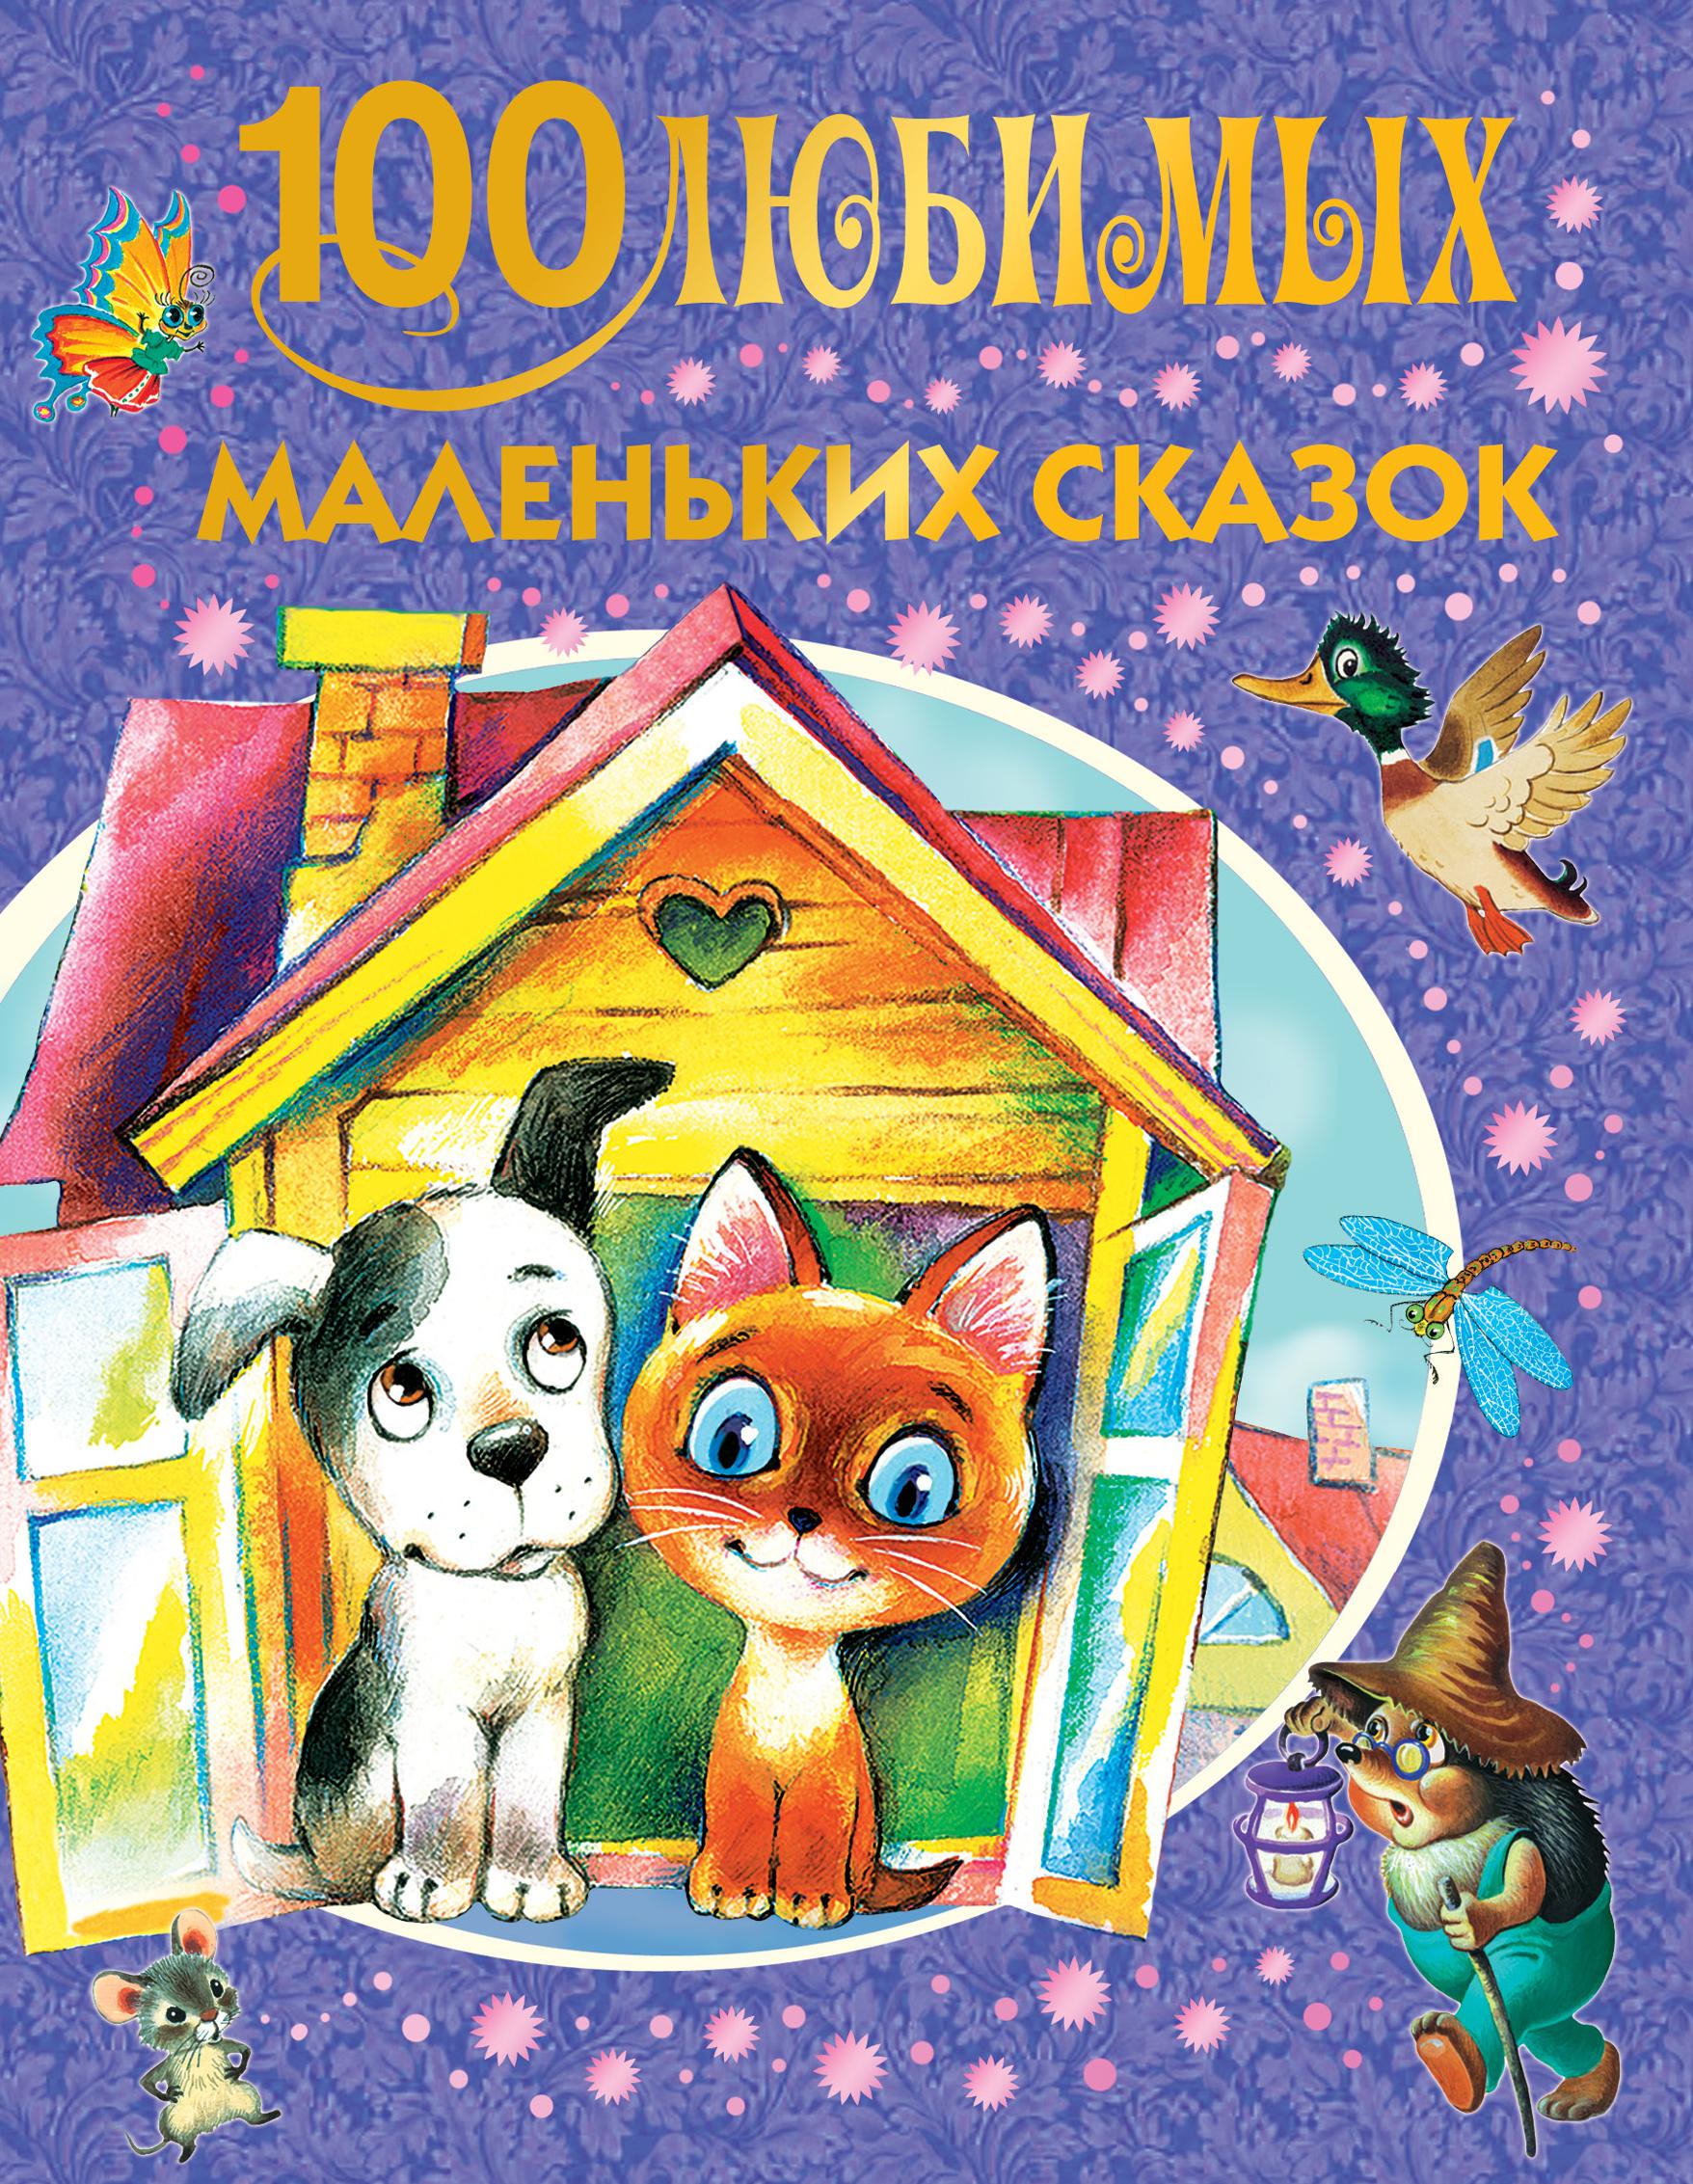 Маршак С.Я., Цыферов Г.М., Остер Г.Б. 100 любимых маленьких сказок cd вимбо для самых маленьких г цыферов 100 сказок малюток